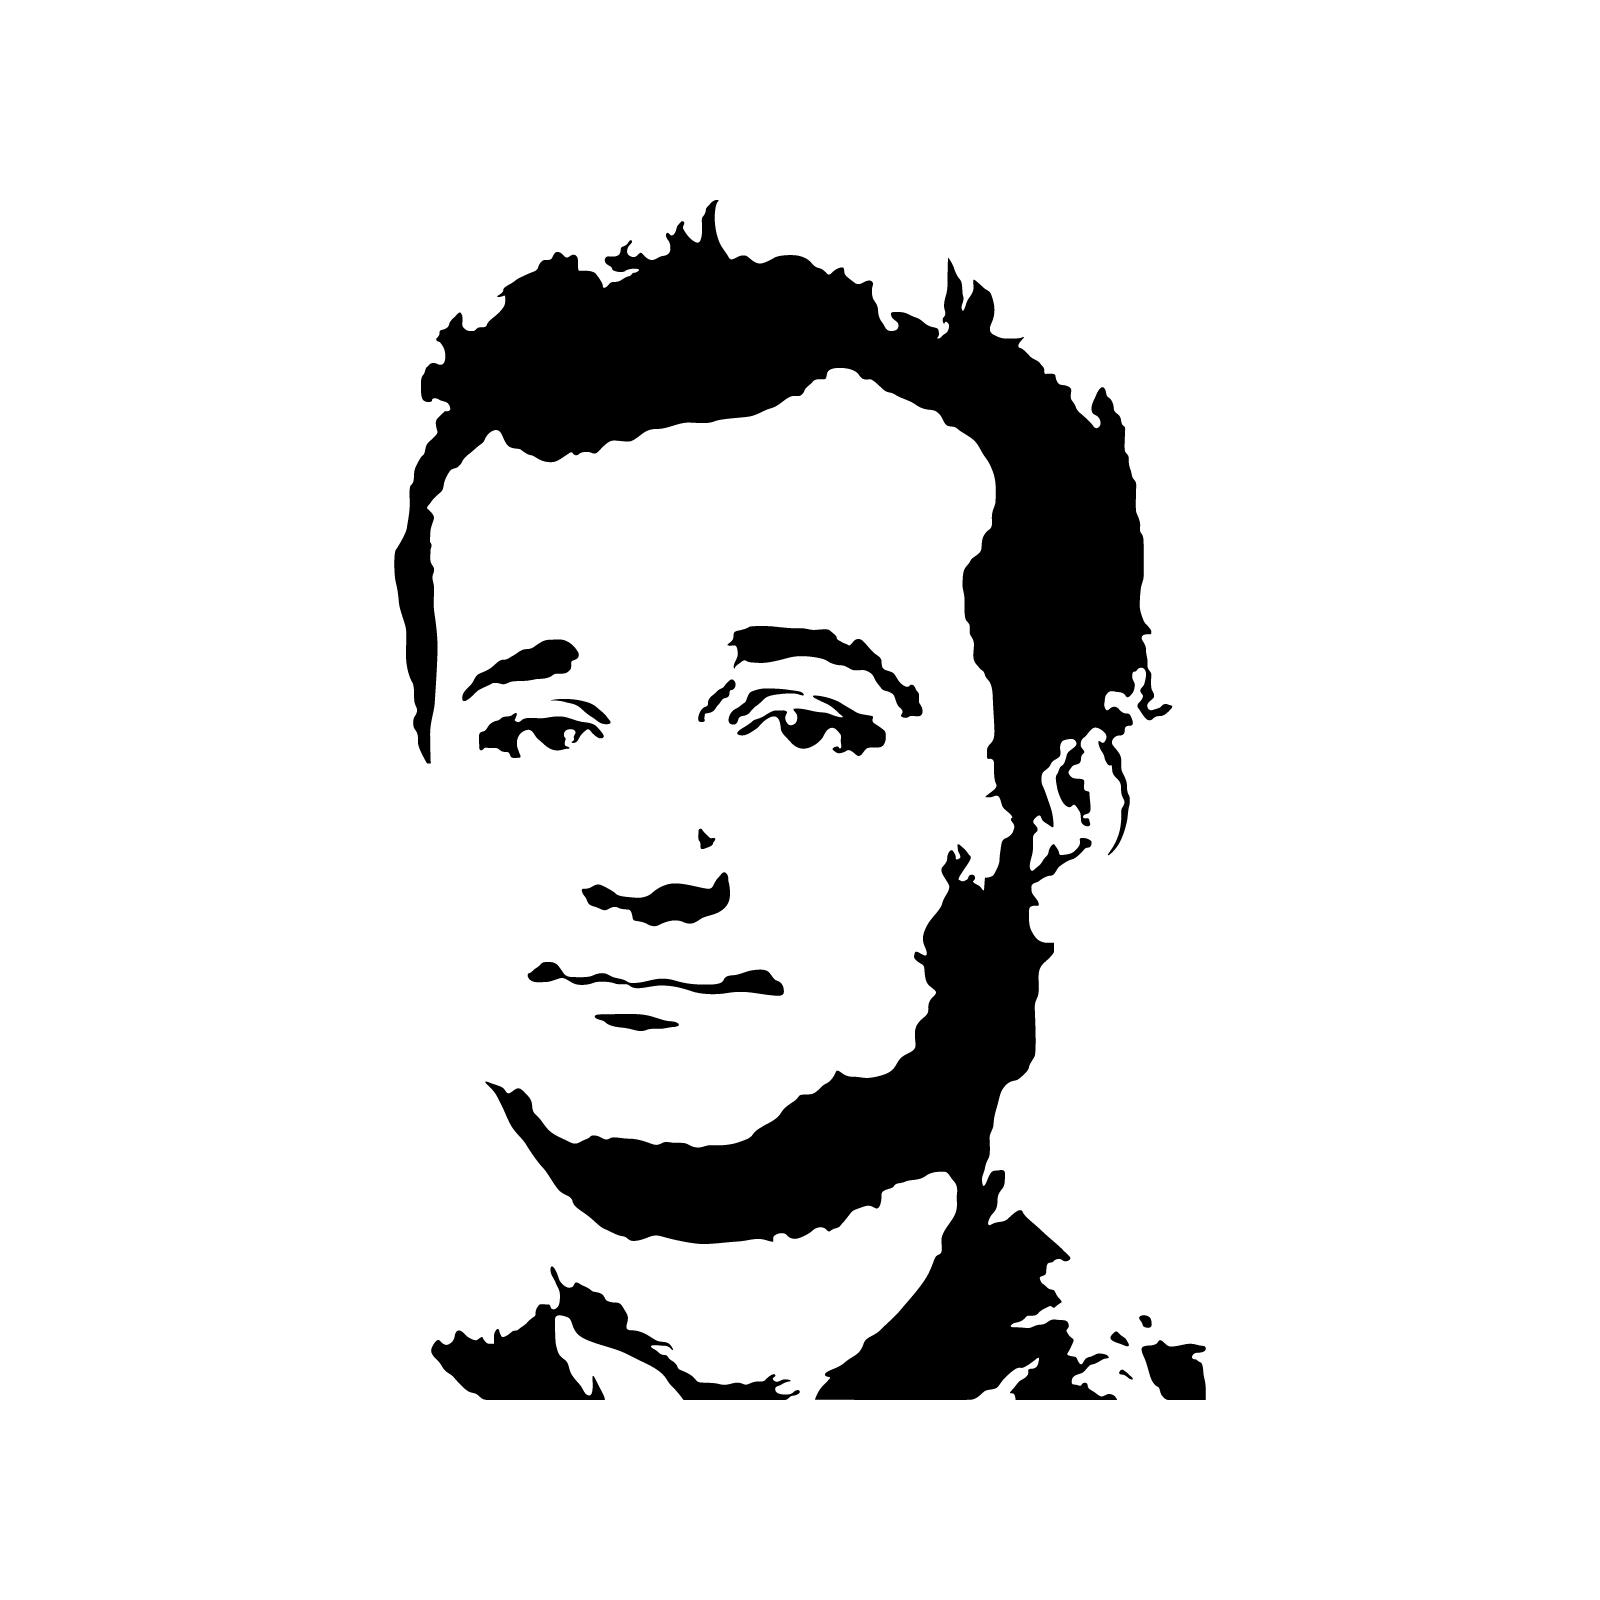 Bill Murray Stencil